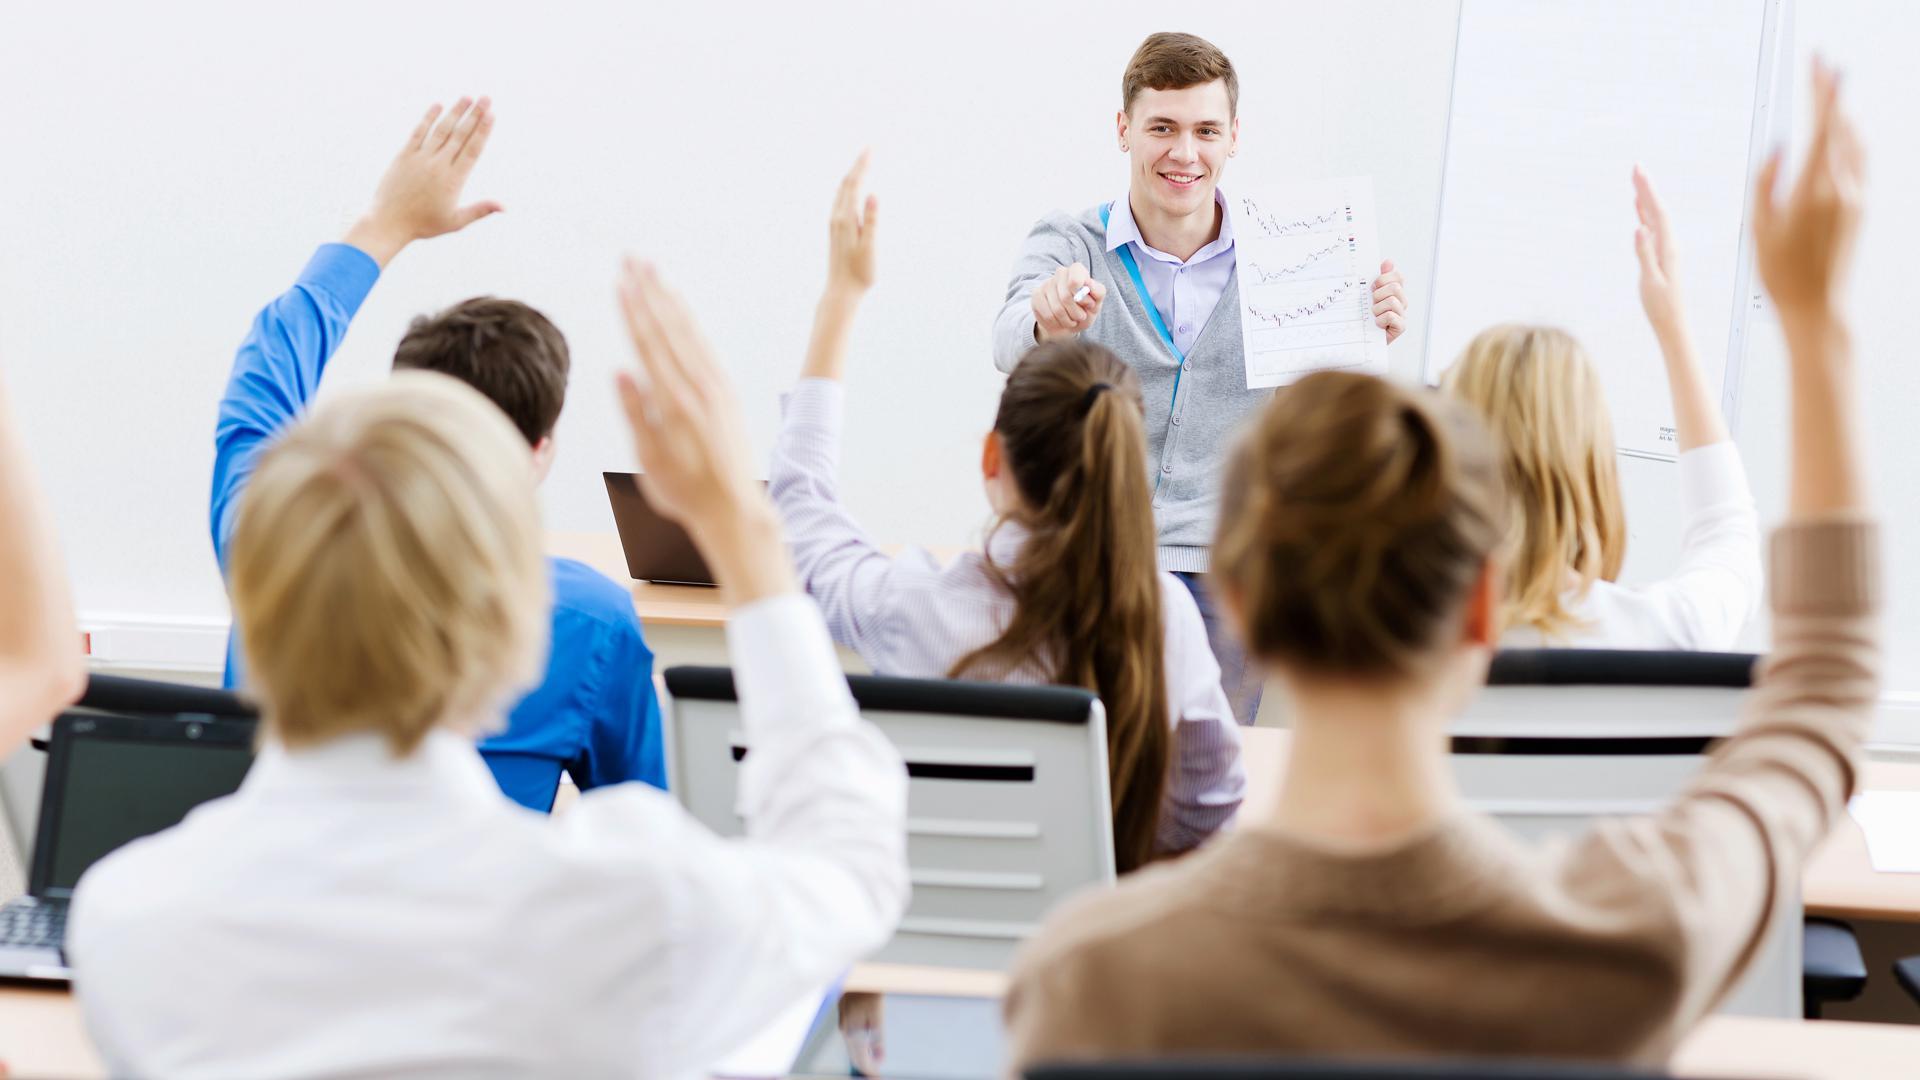 Studenten an einer dualen Hochschule im Seminar.